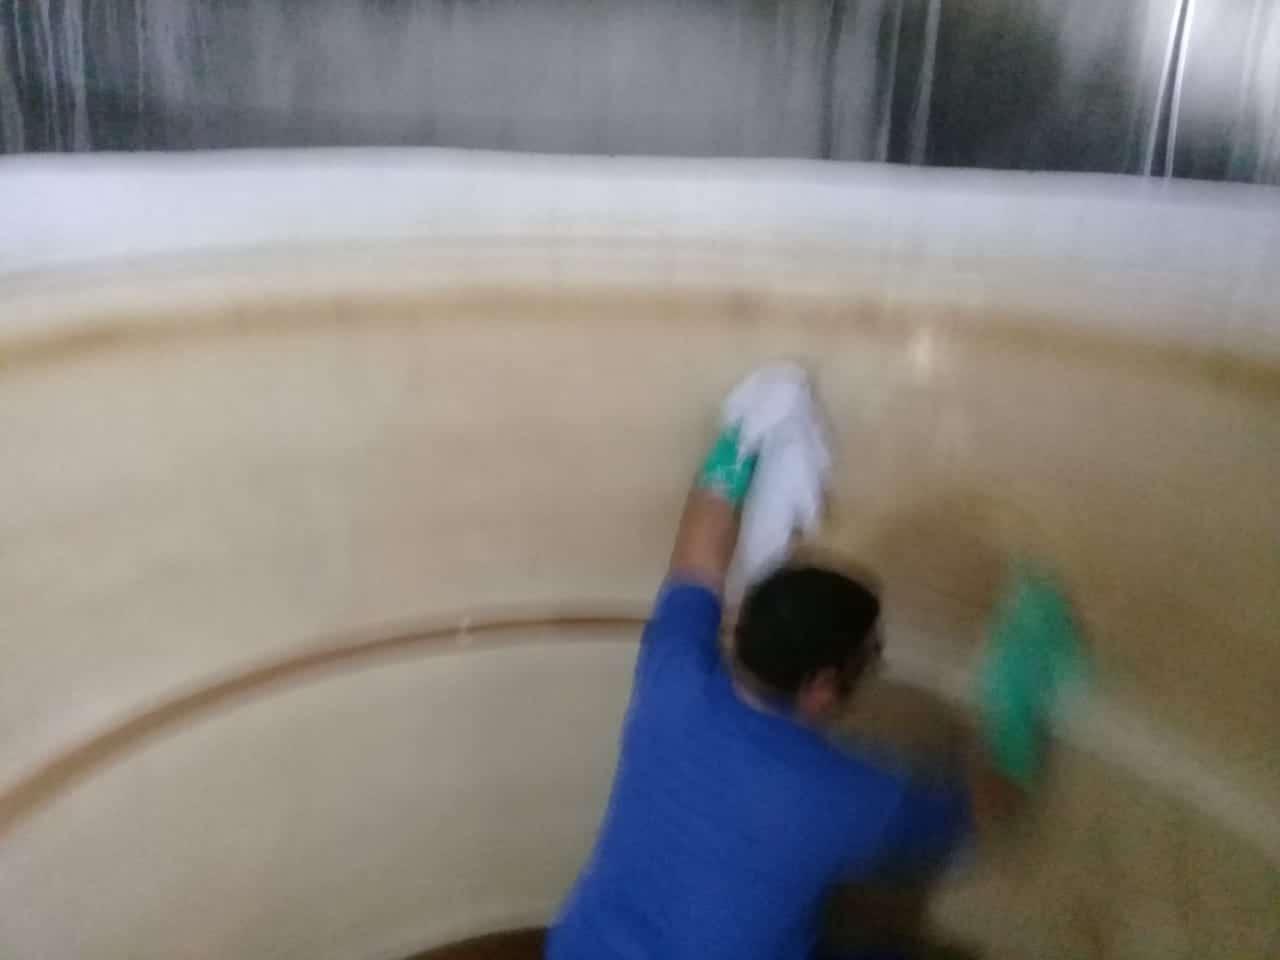 fazendo a limpeza